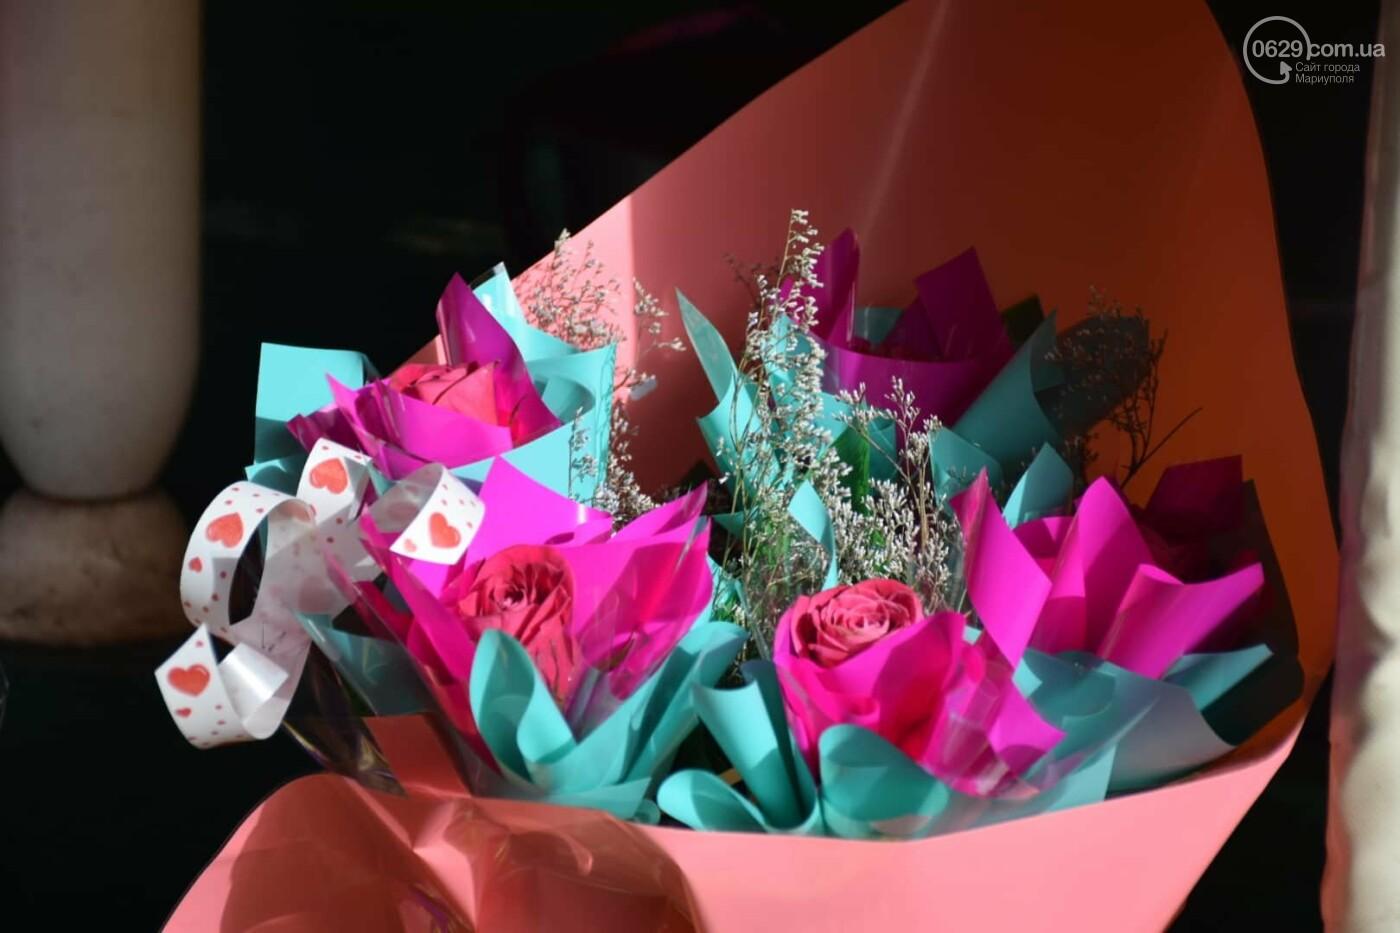 День Святого Валентина в Мариуполе: цветы, шары и мужчины-романтики, - ФОТОРЕПОРТАЖ, фото-7